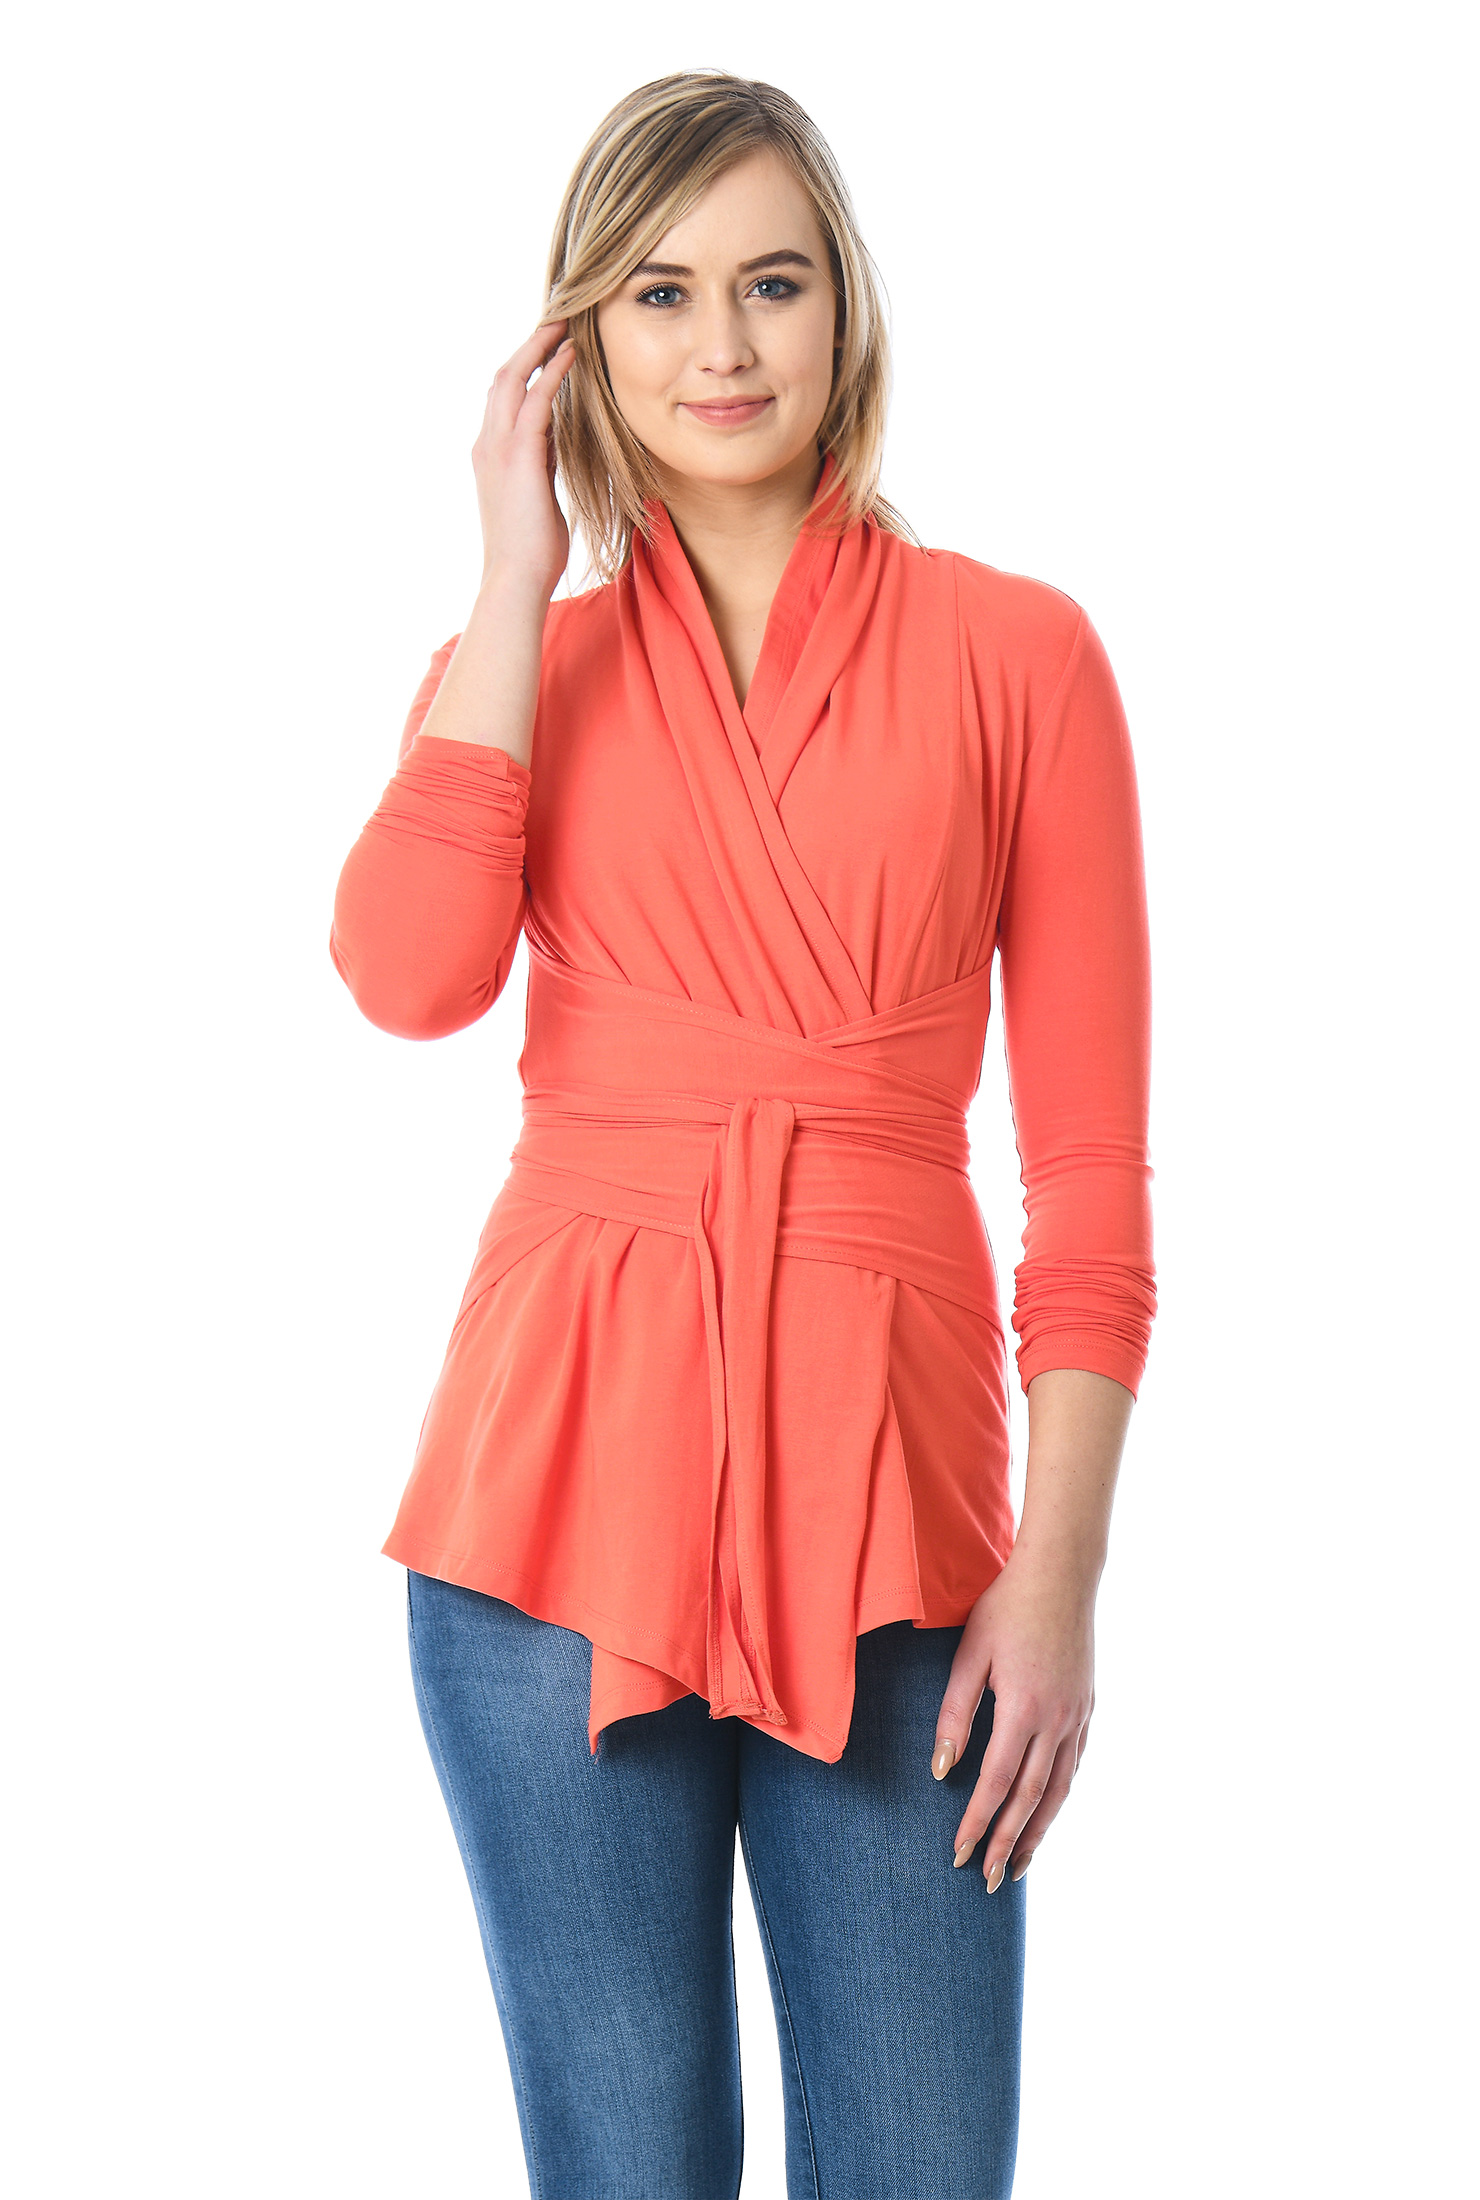 eShakti Women's Obi belt cotton knit wrap tunic CL0055309